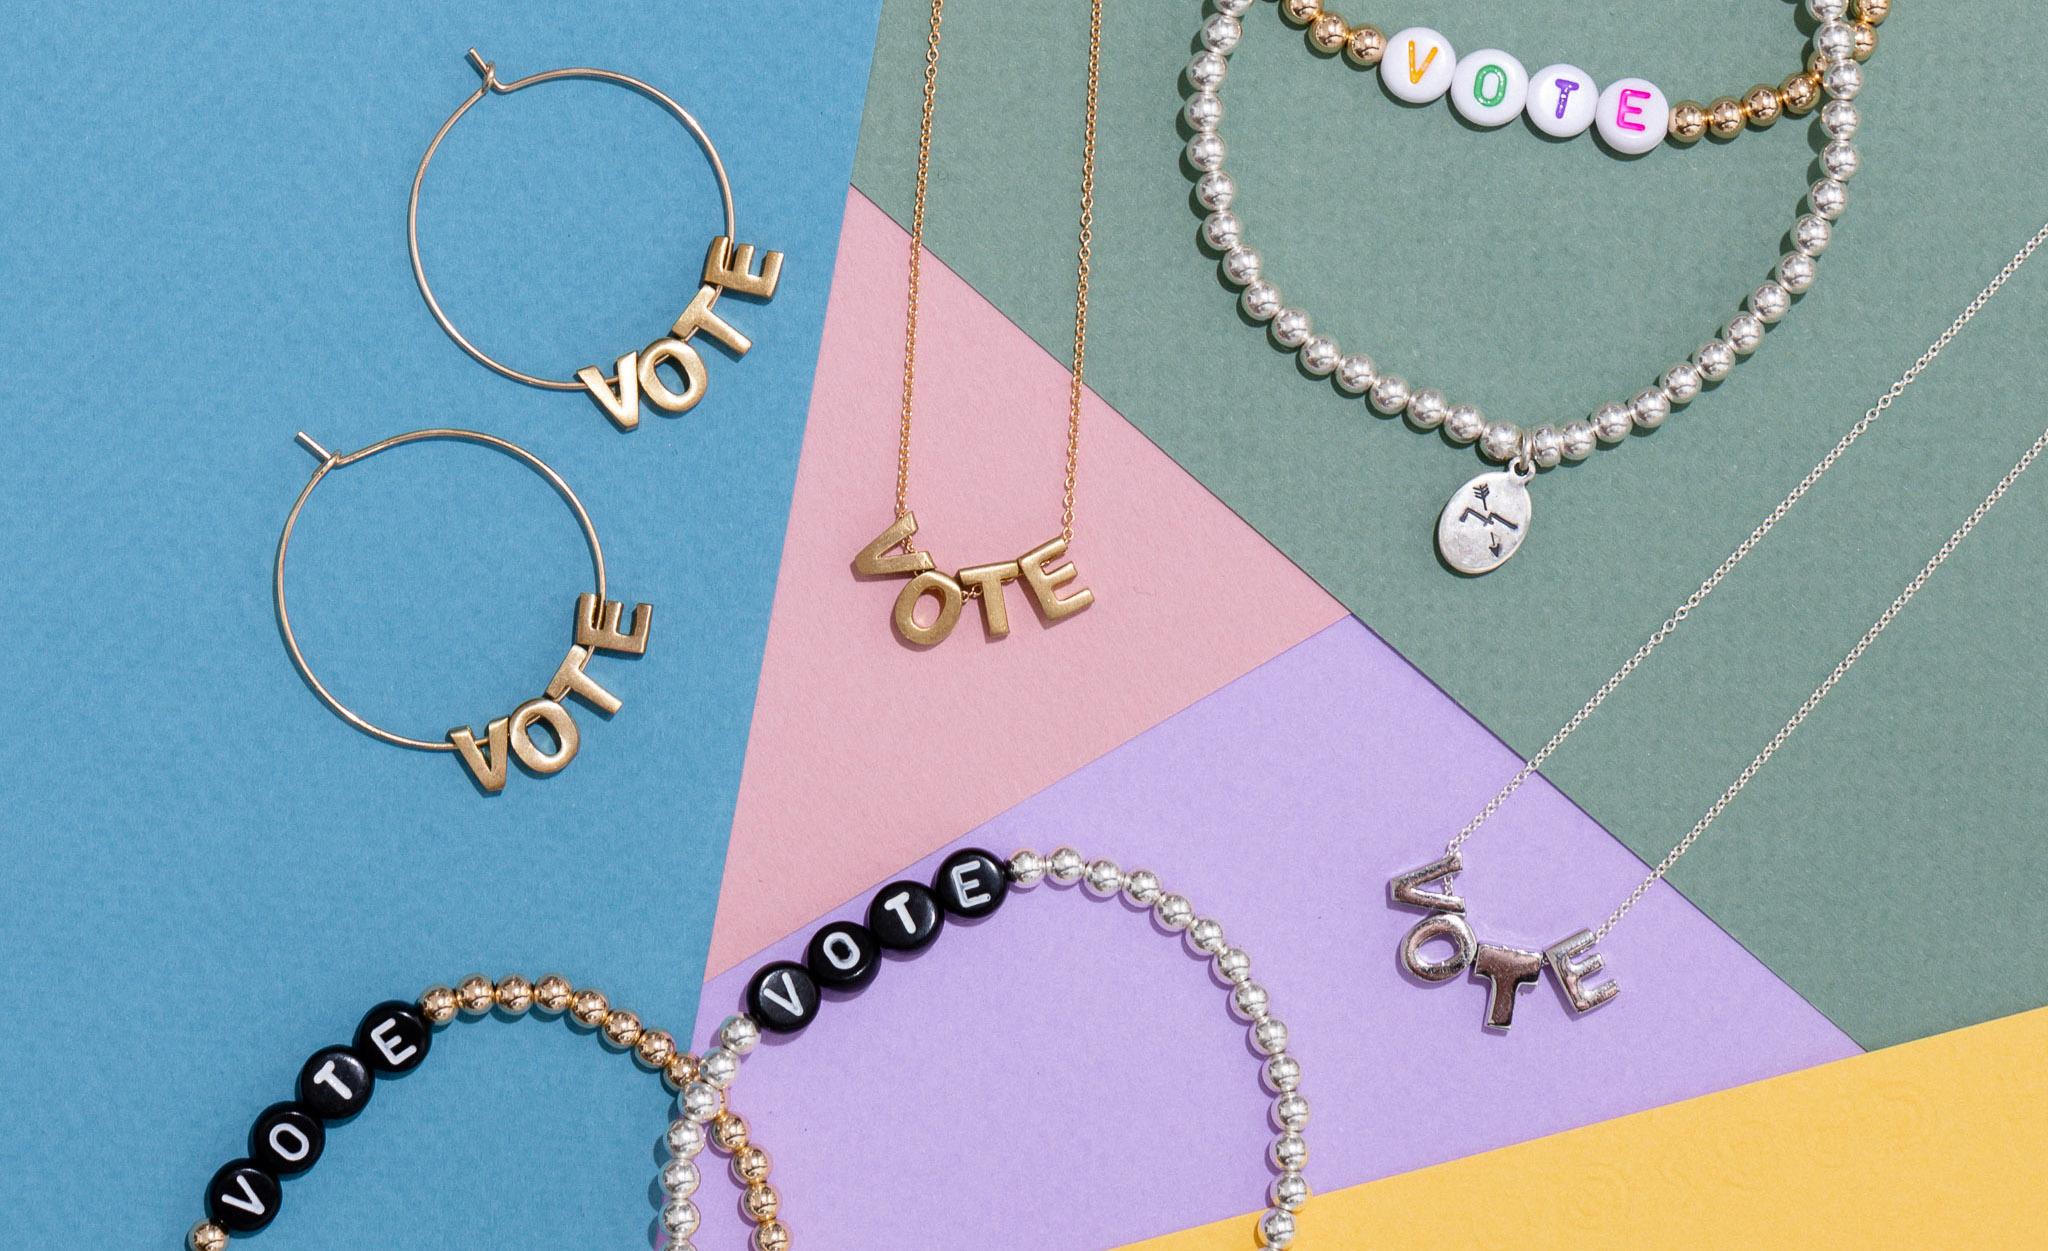 Larissa Loden's new mini collection, VOTE